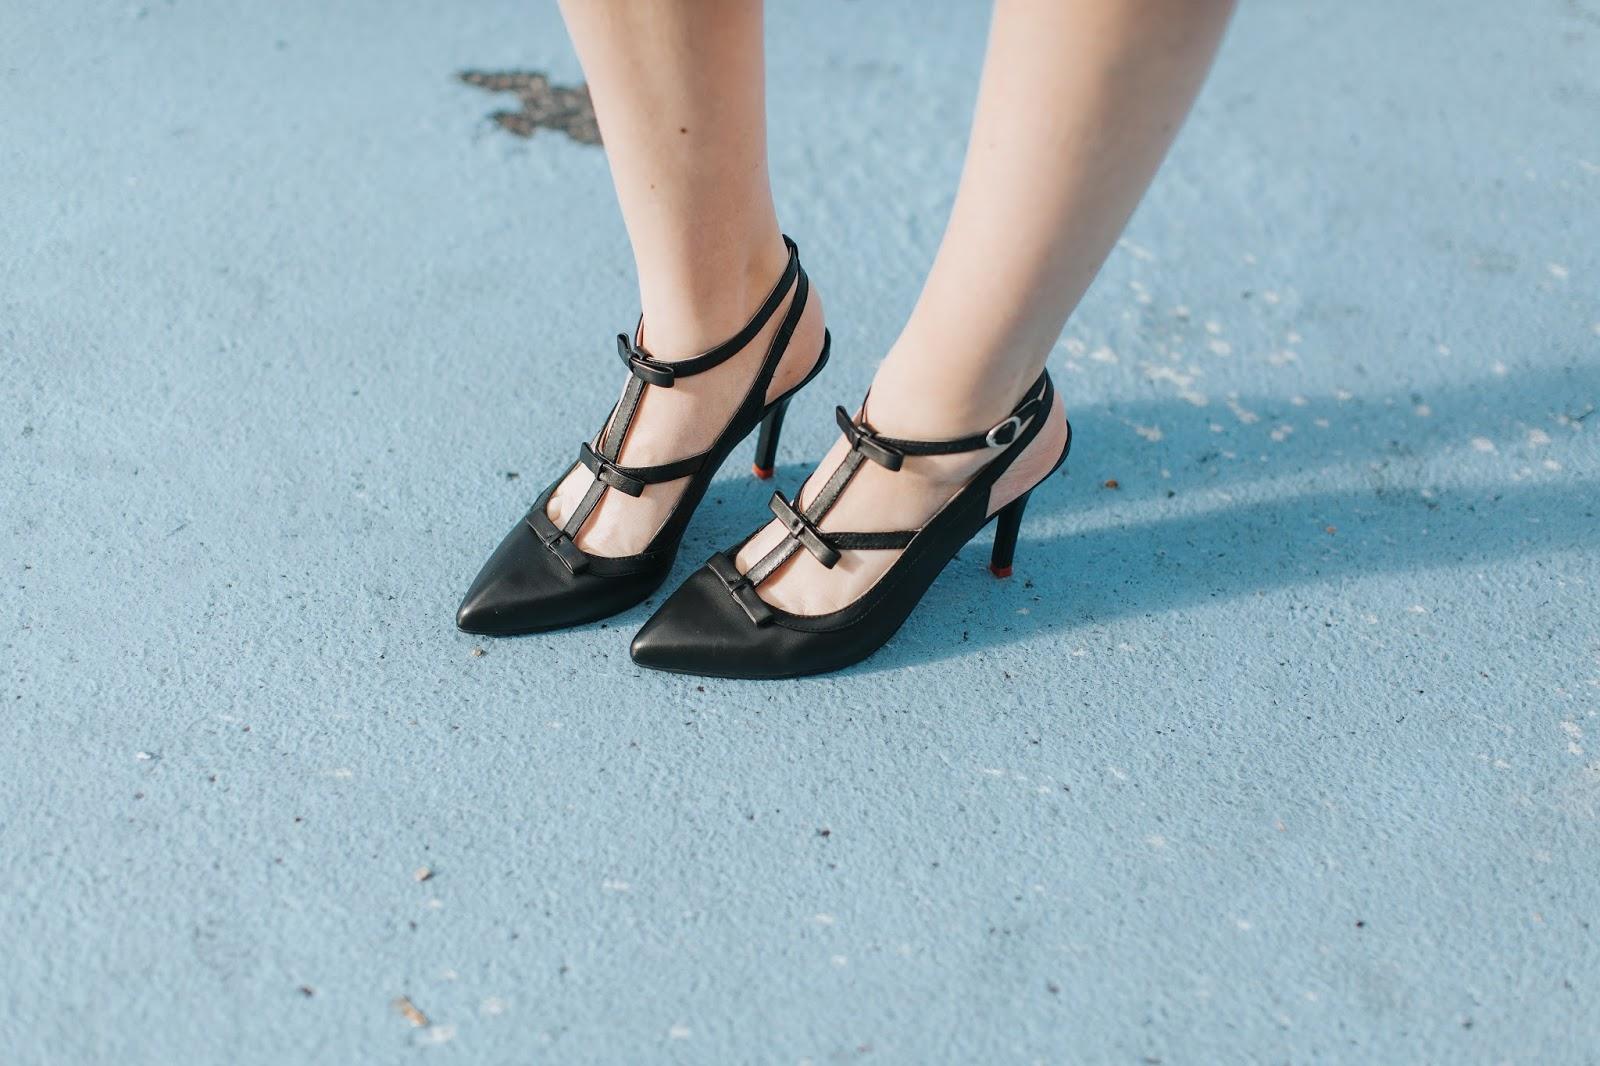 Bow Heels, Ssh-oes, High Heels